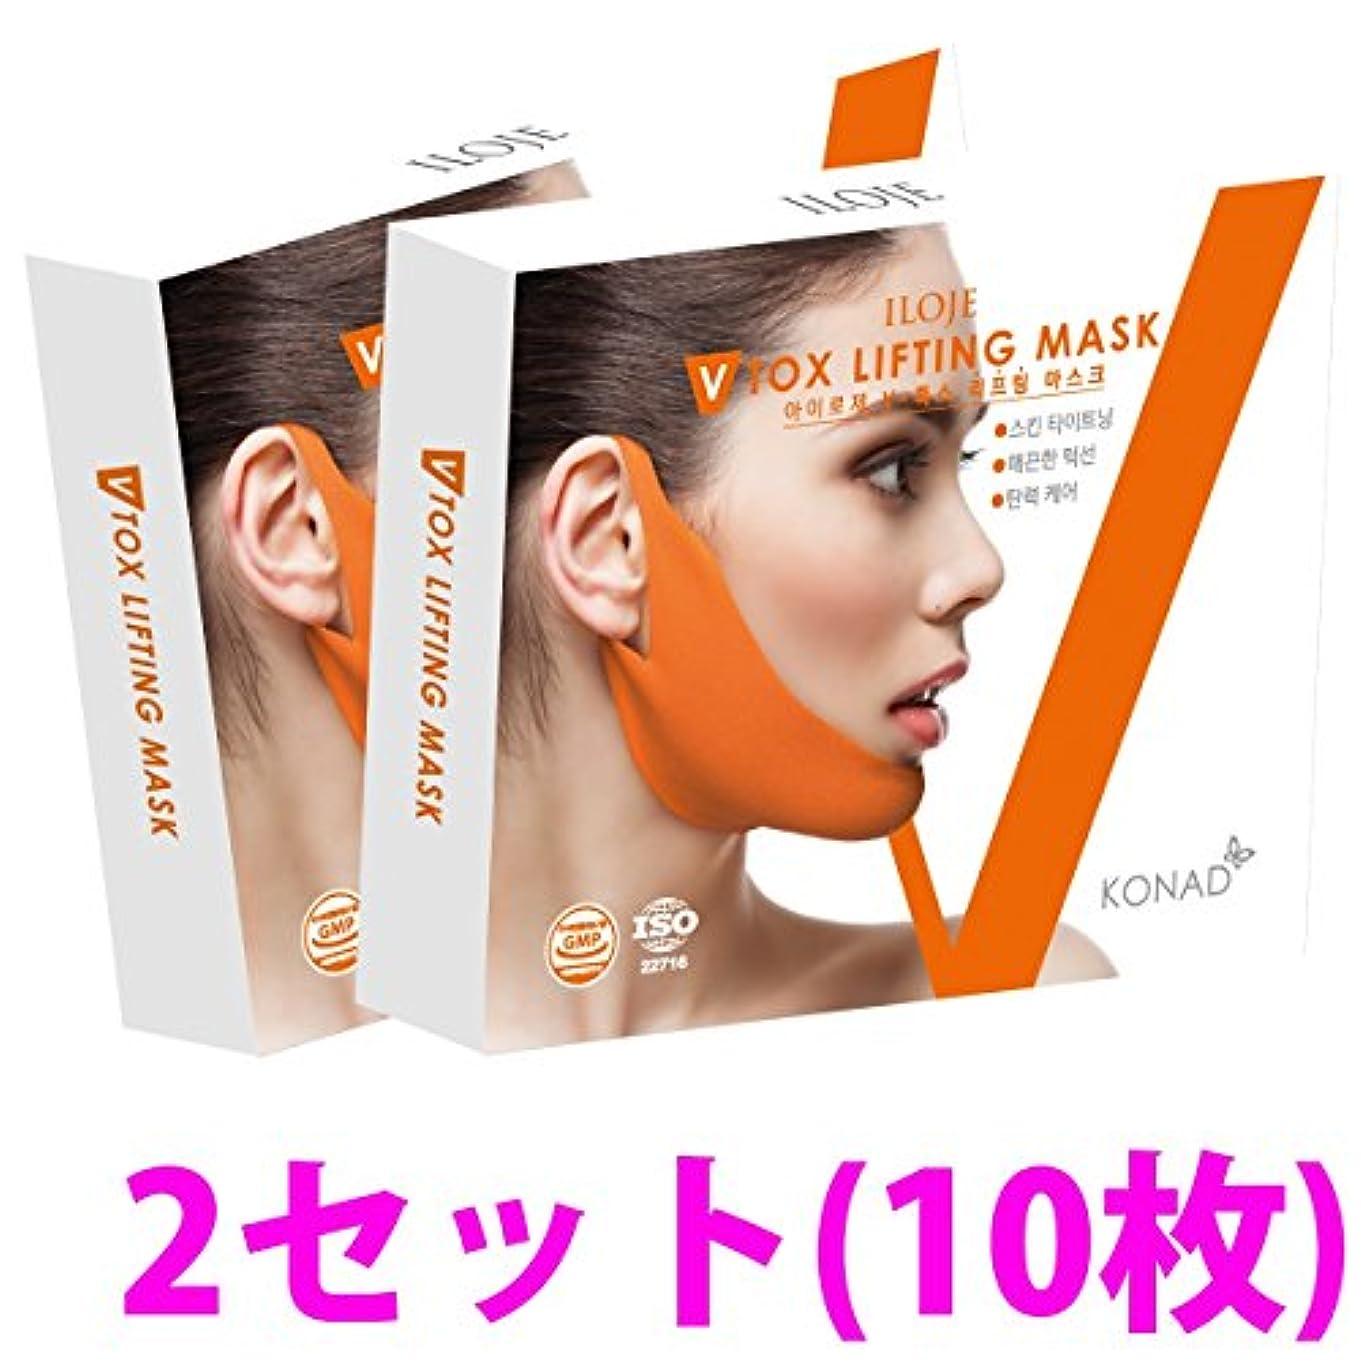 補う非武装化フィードオン女性の年齢は顎の輪郭で決まる!V-TOXリフティングマスクパック 2セット(10枚)